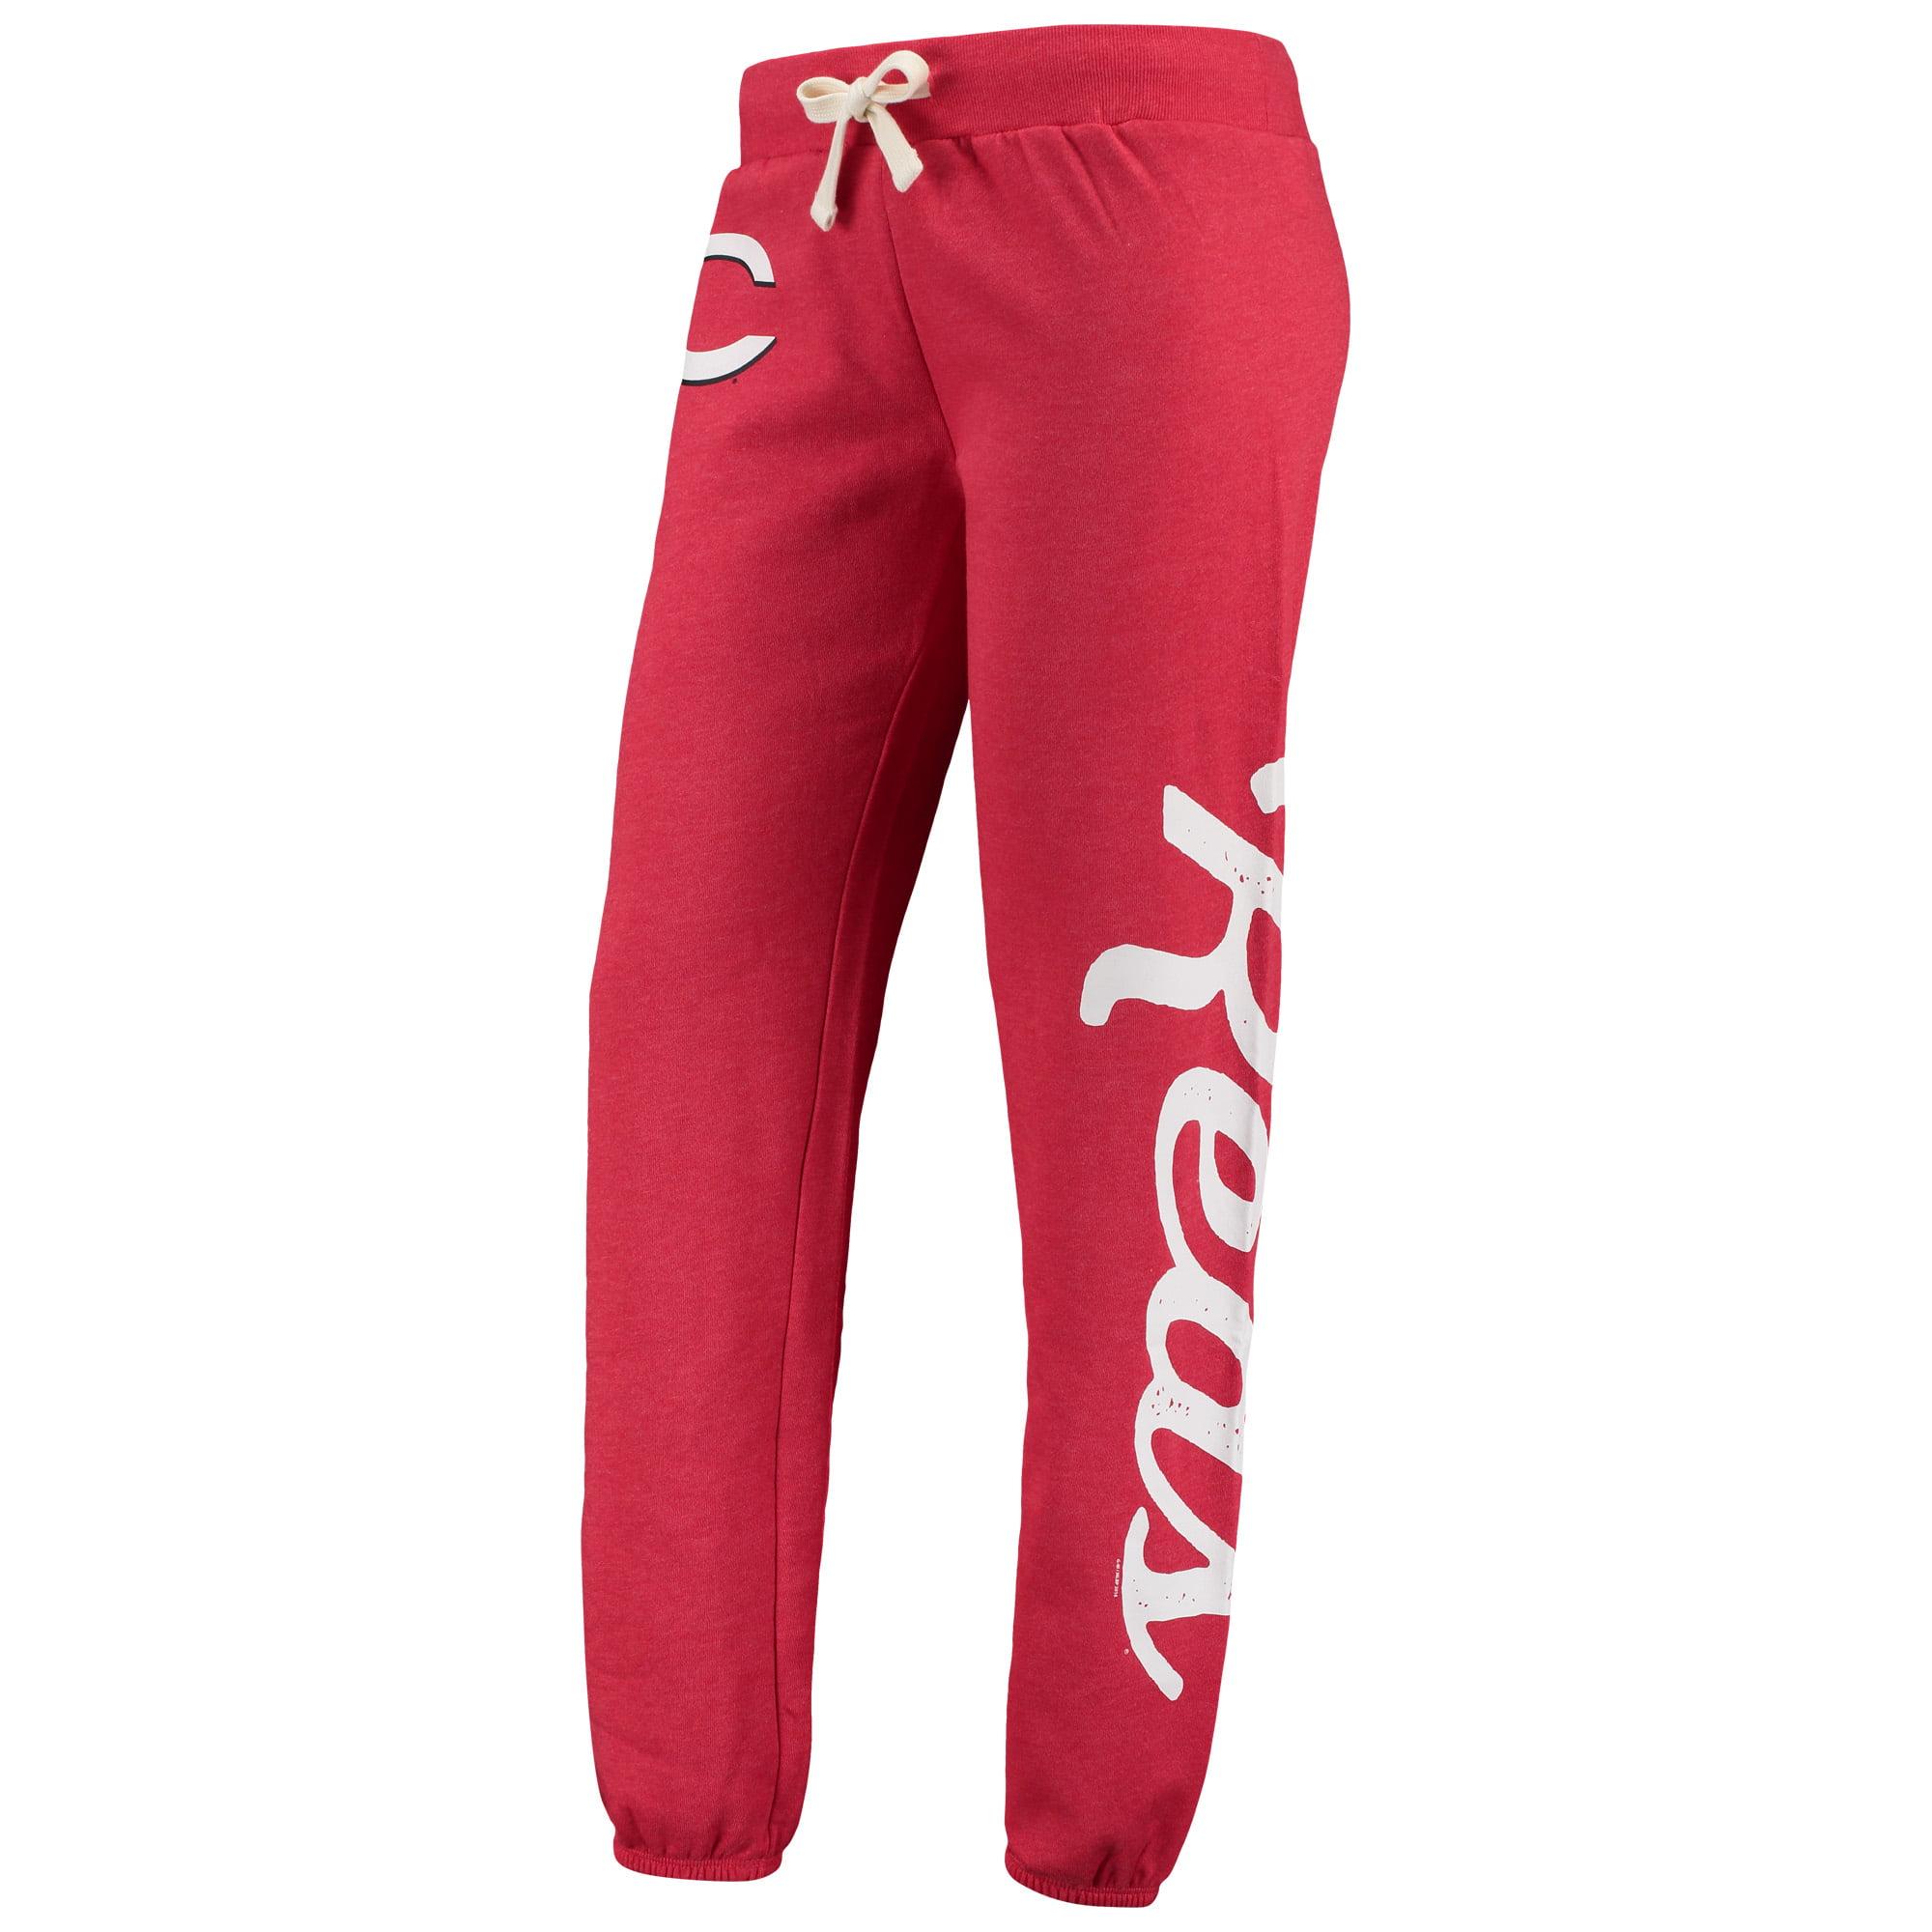 Cincinnati Reds G-III 4Her by Carl Banks Women's Scrimmage Pants - Red